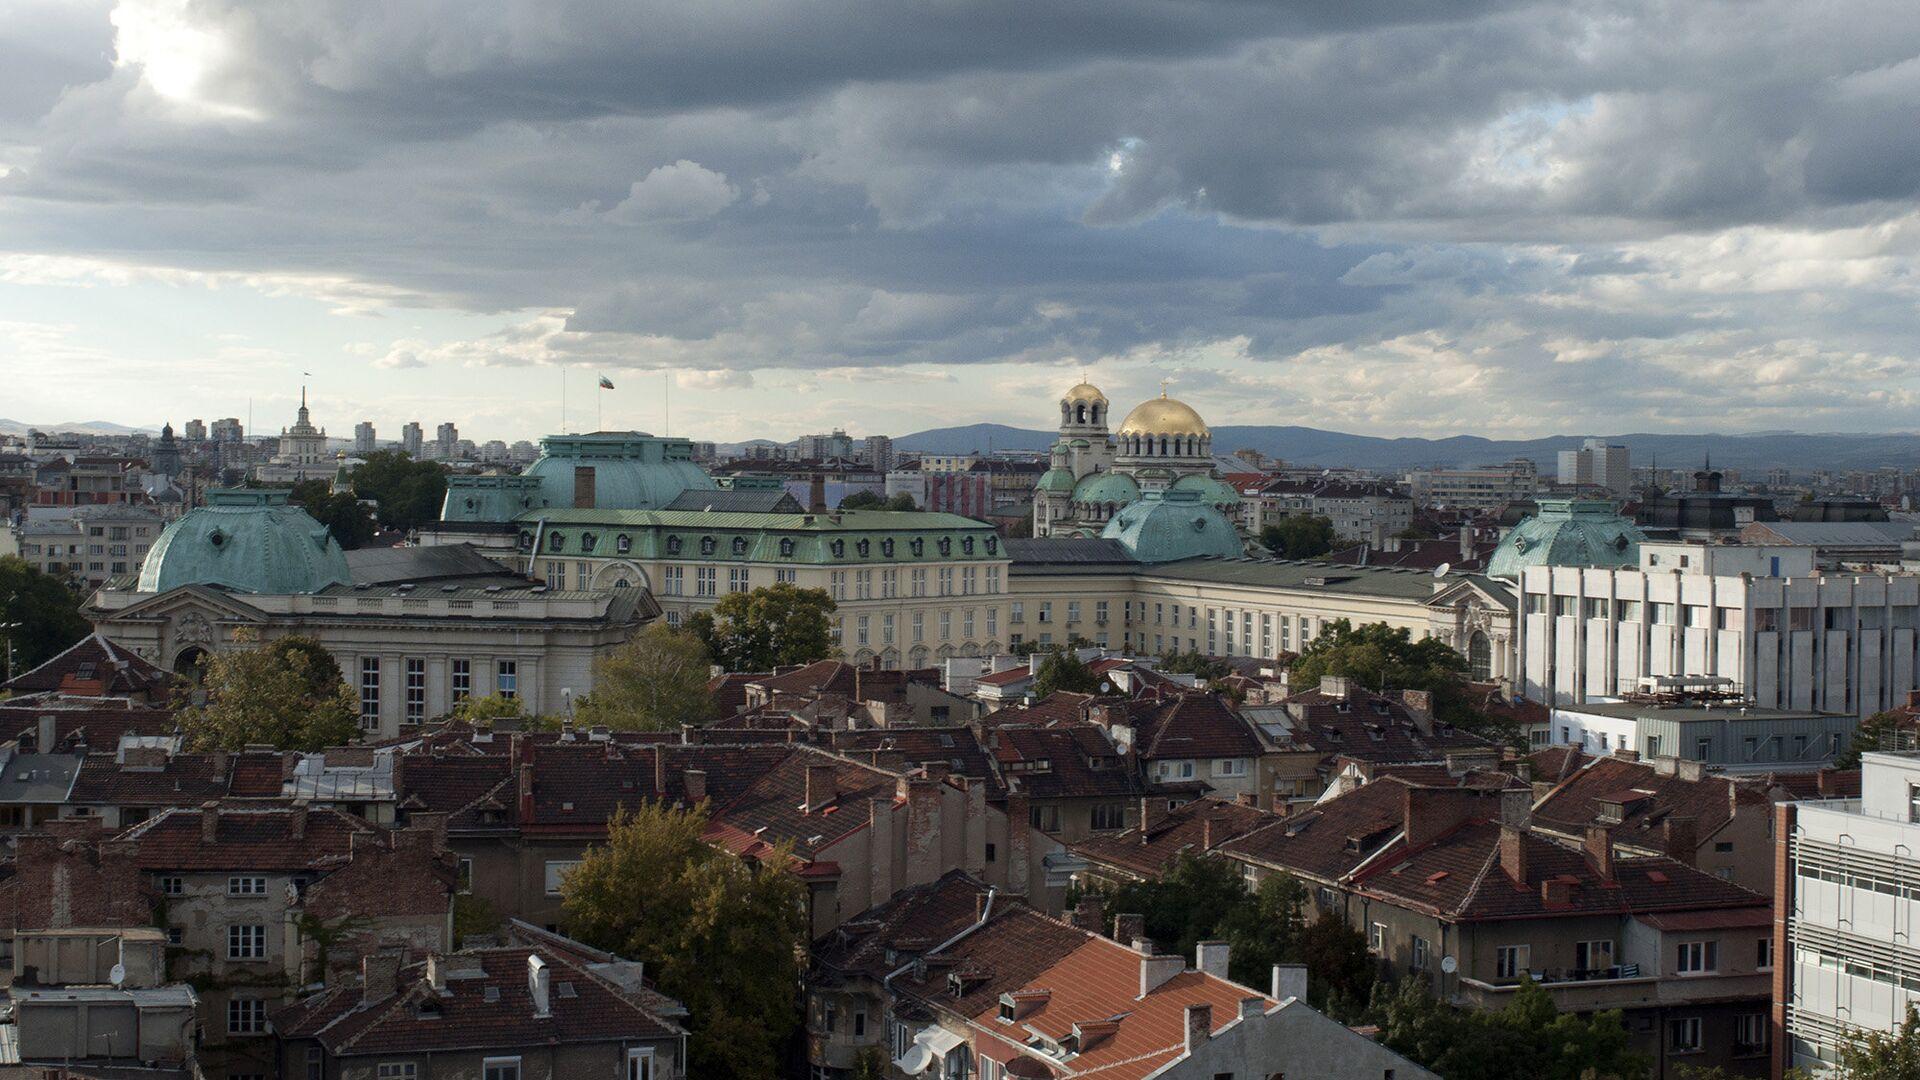 Вид на город София, Болгария - РИА Новости, 1920, 08.10.2020